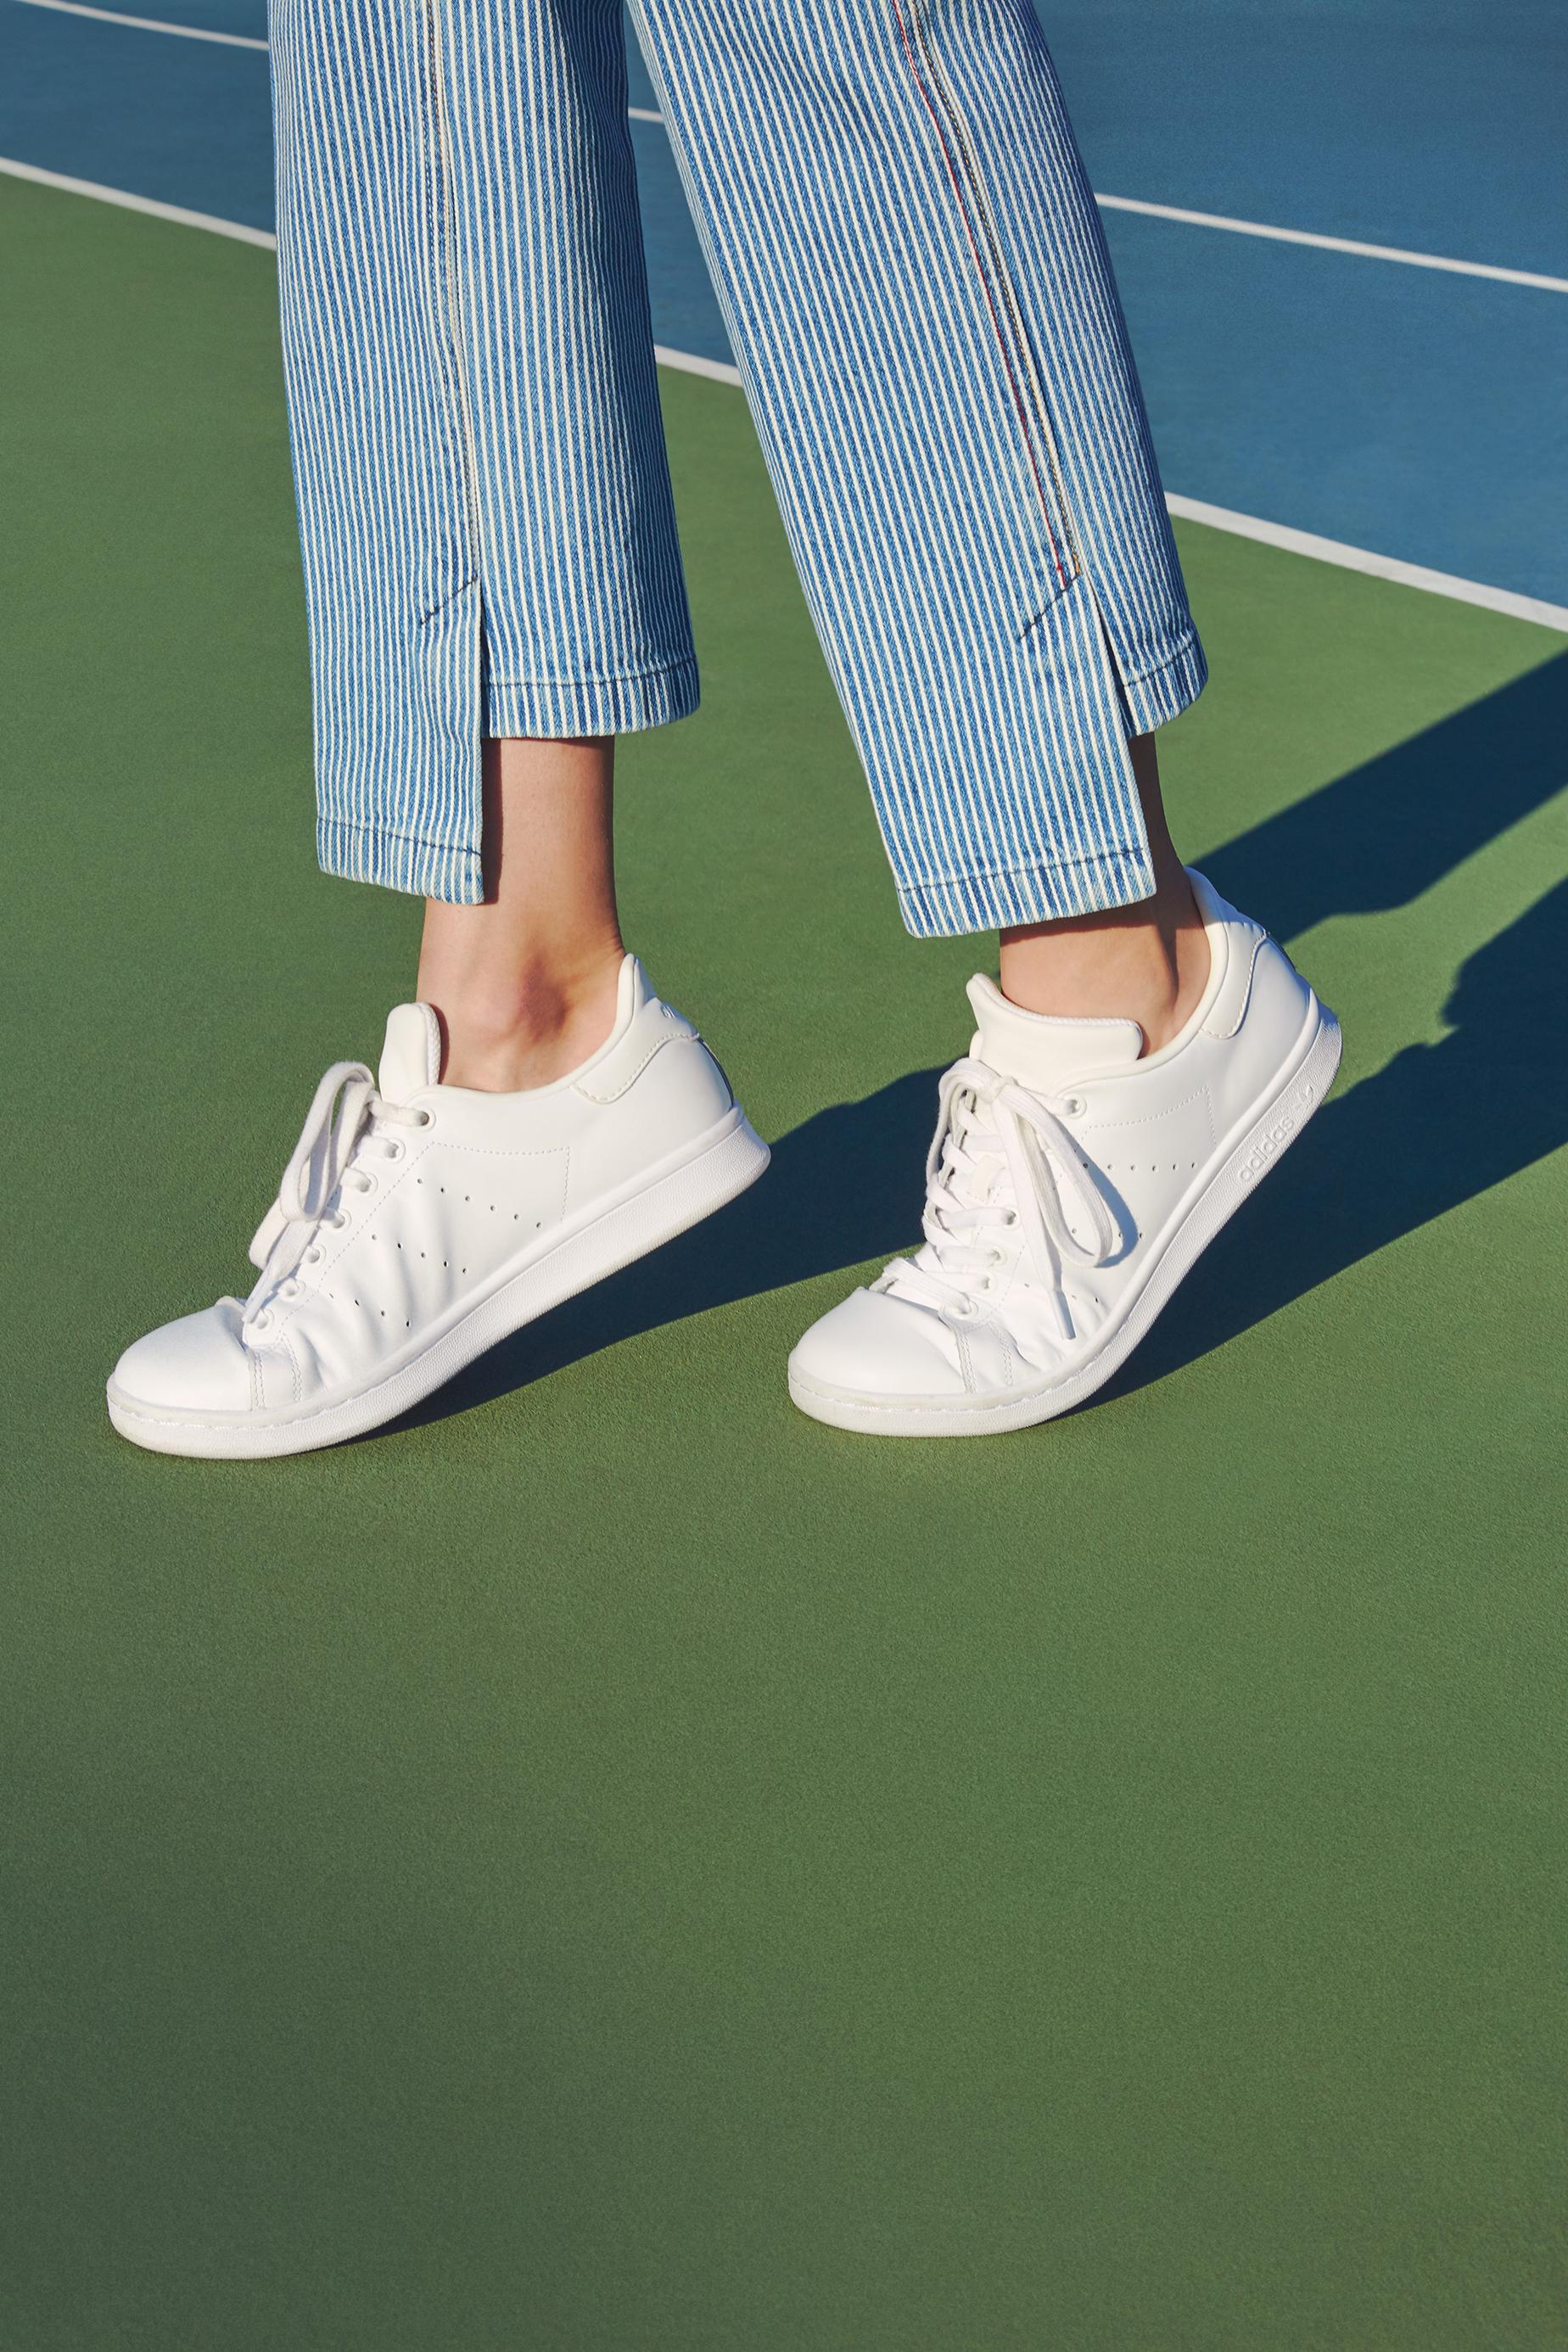 18_TennisCourtShoot_0637.jpg